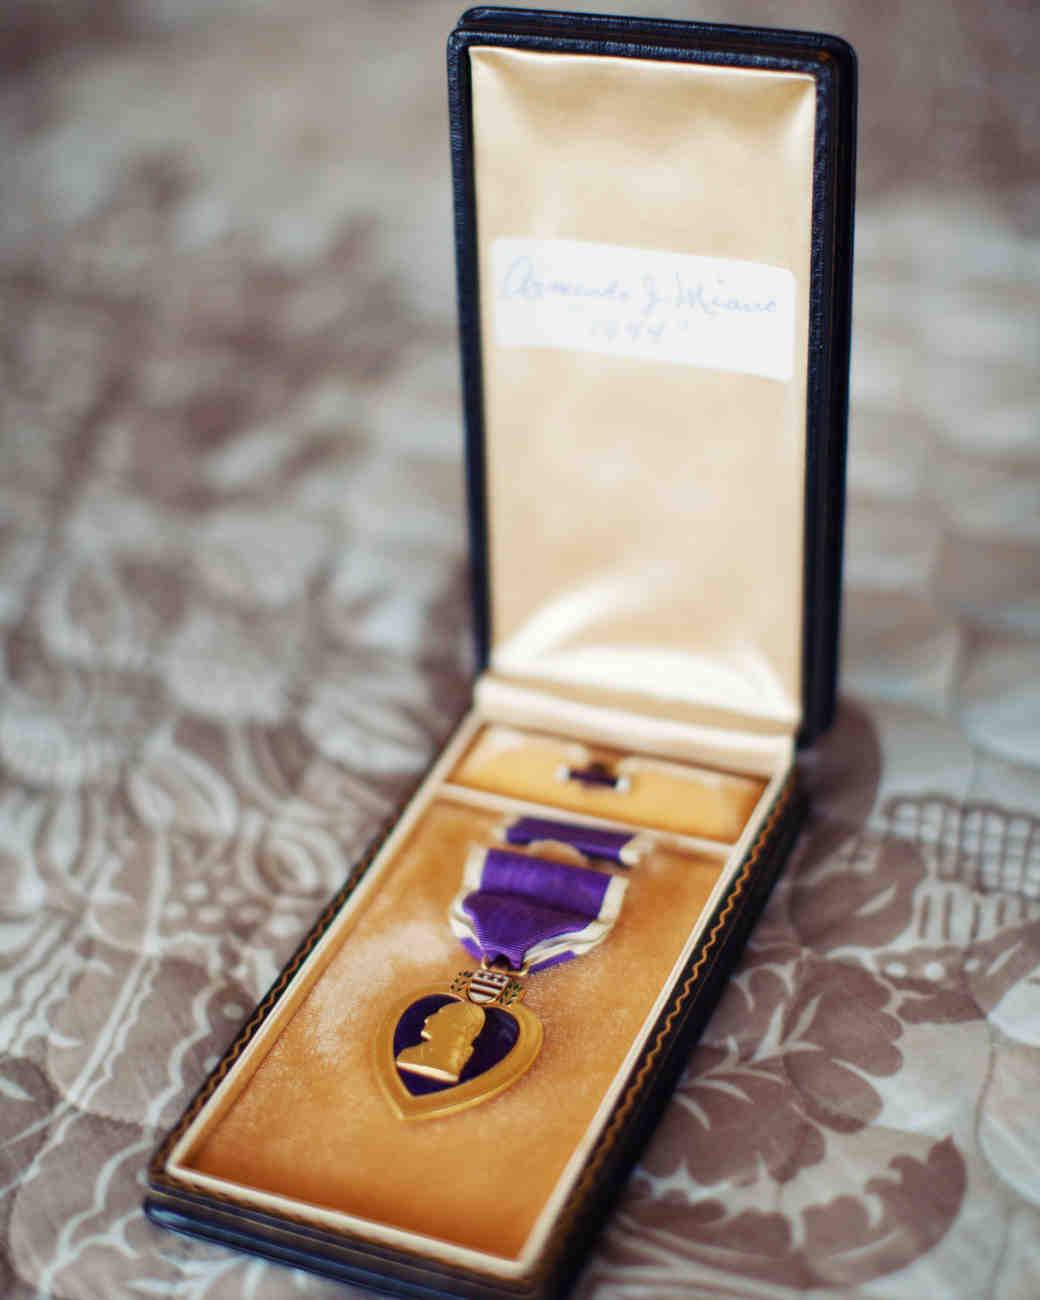 real-weddings-kevin-jamie-05292012wd-jk1224.jpg